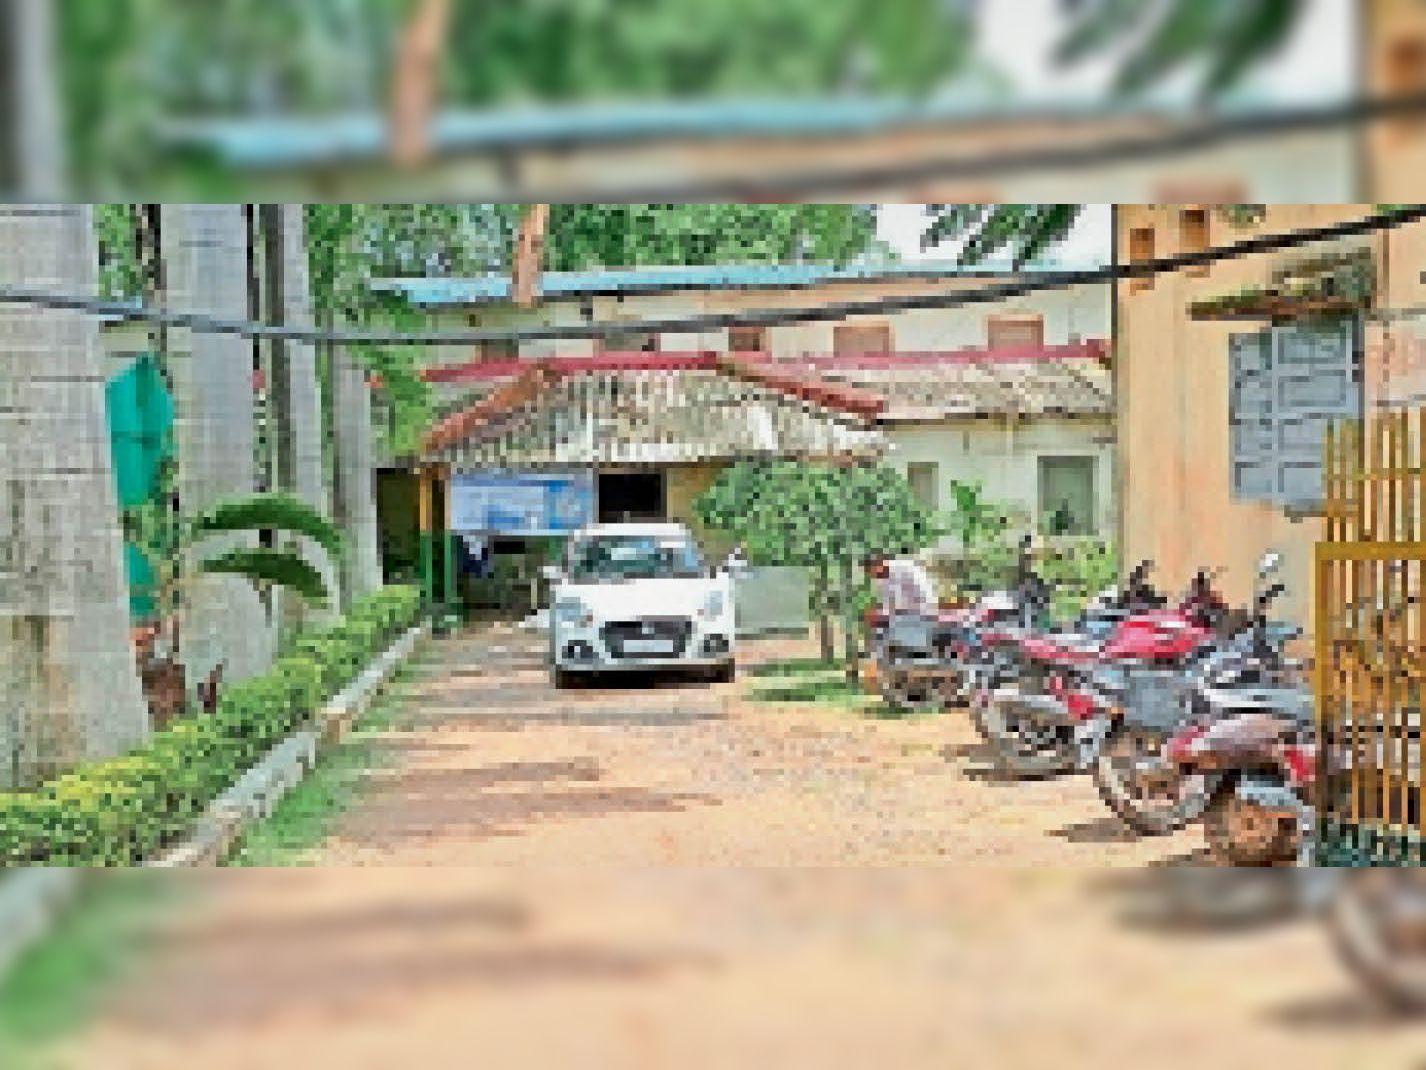 उद्यान विभाग में पहुंची जांच टीम। - Dainik Bhaskar